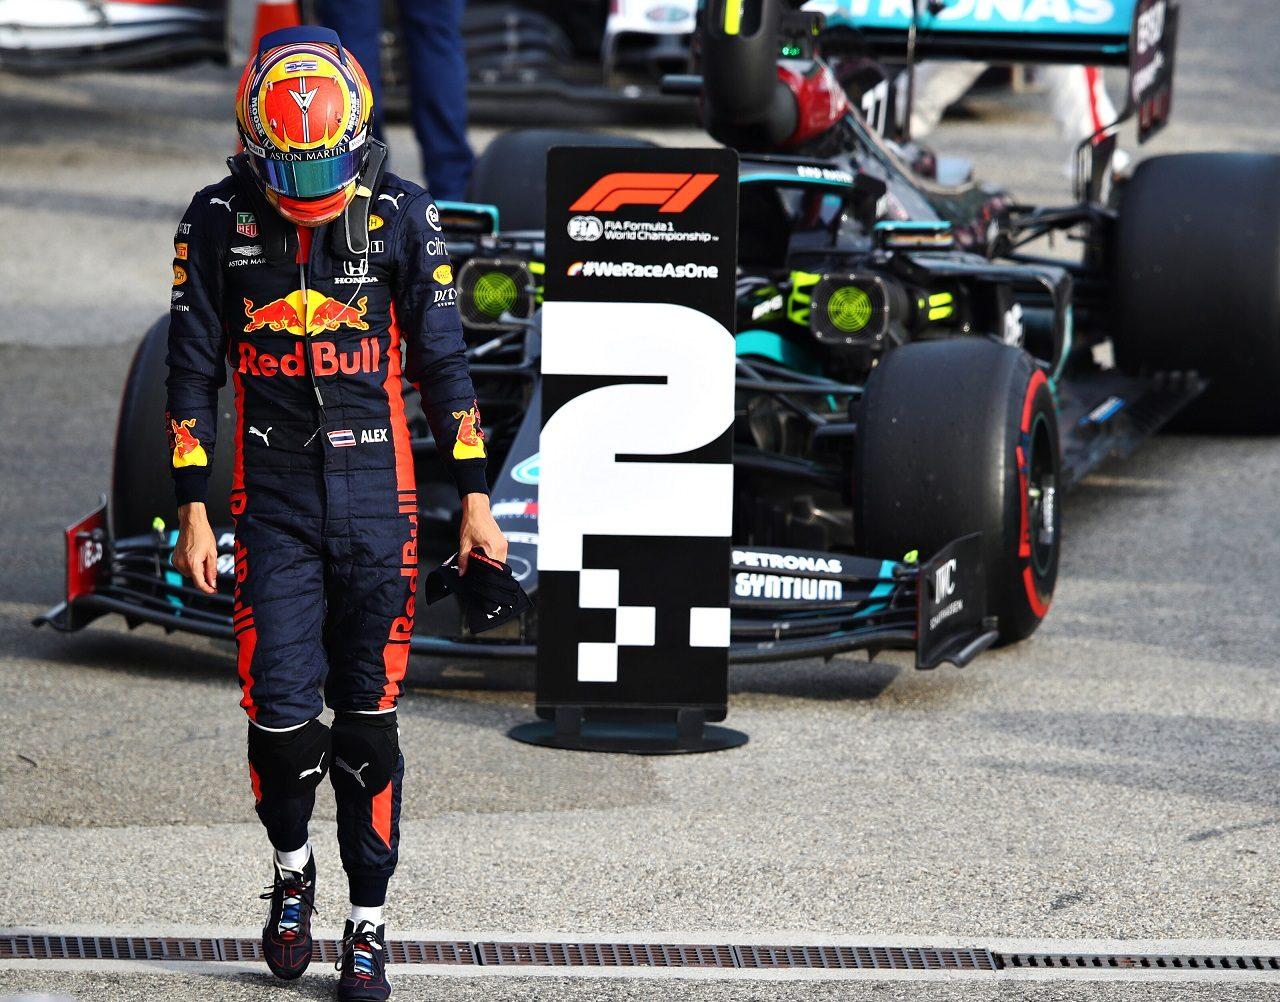 Photo of アル本スピンをされた最下位」戦略が異なる余裕で表彰台に立つことができた」レッドブルホンダ[F1 제 13 전]- オートスポーツweb